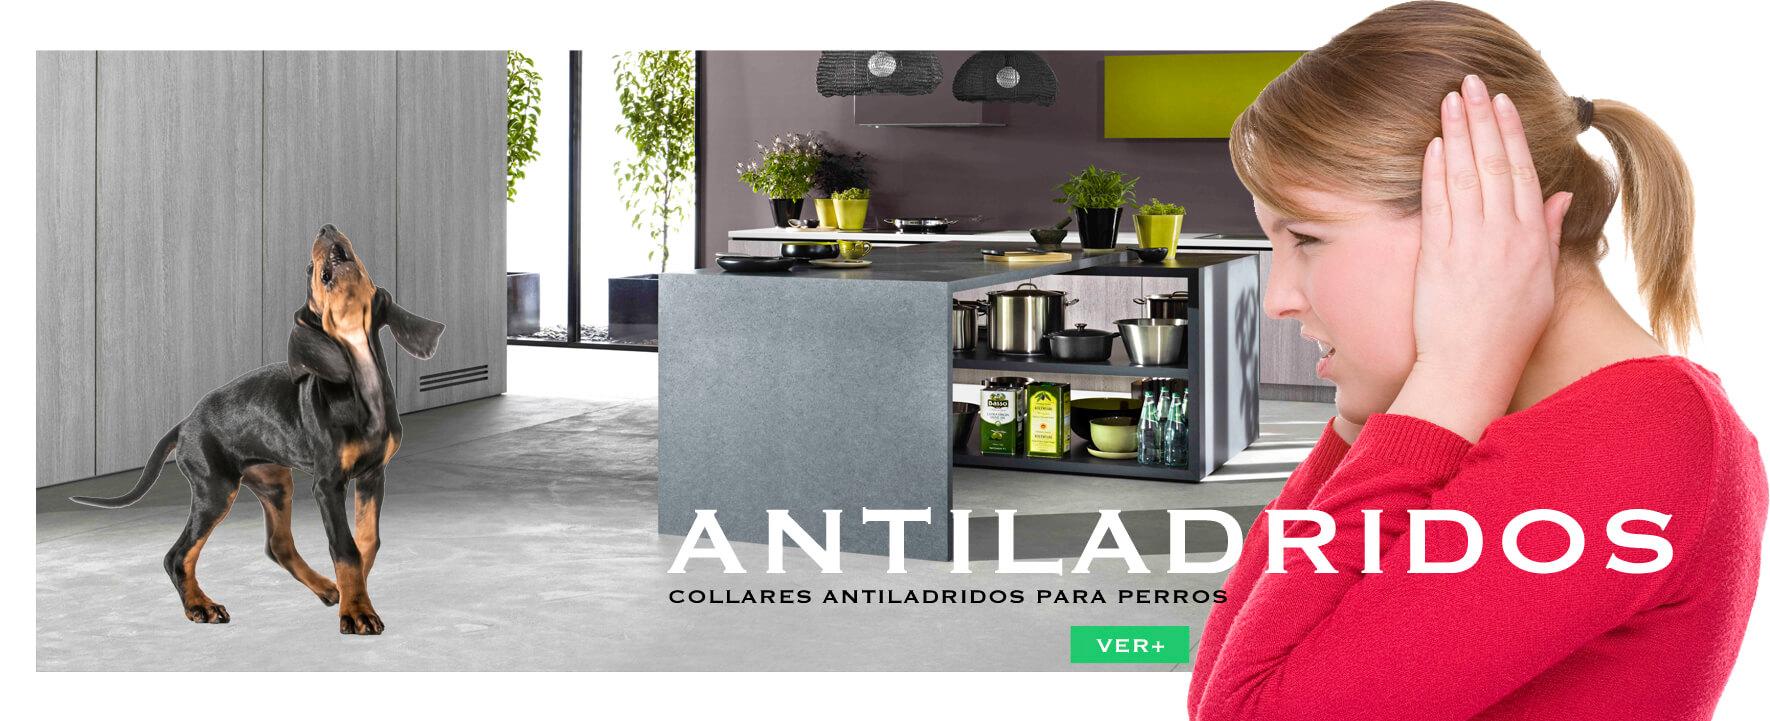 Collares antiladridos